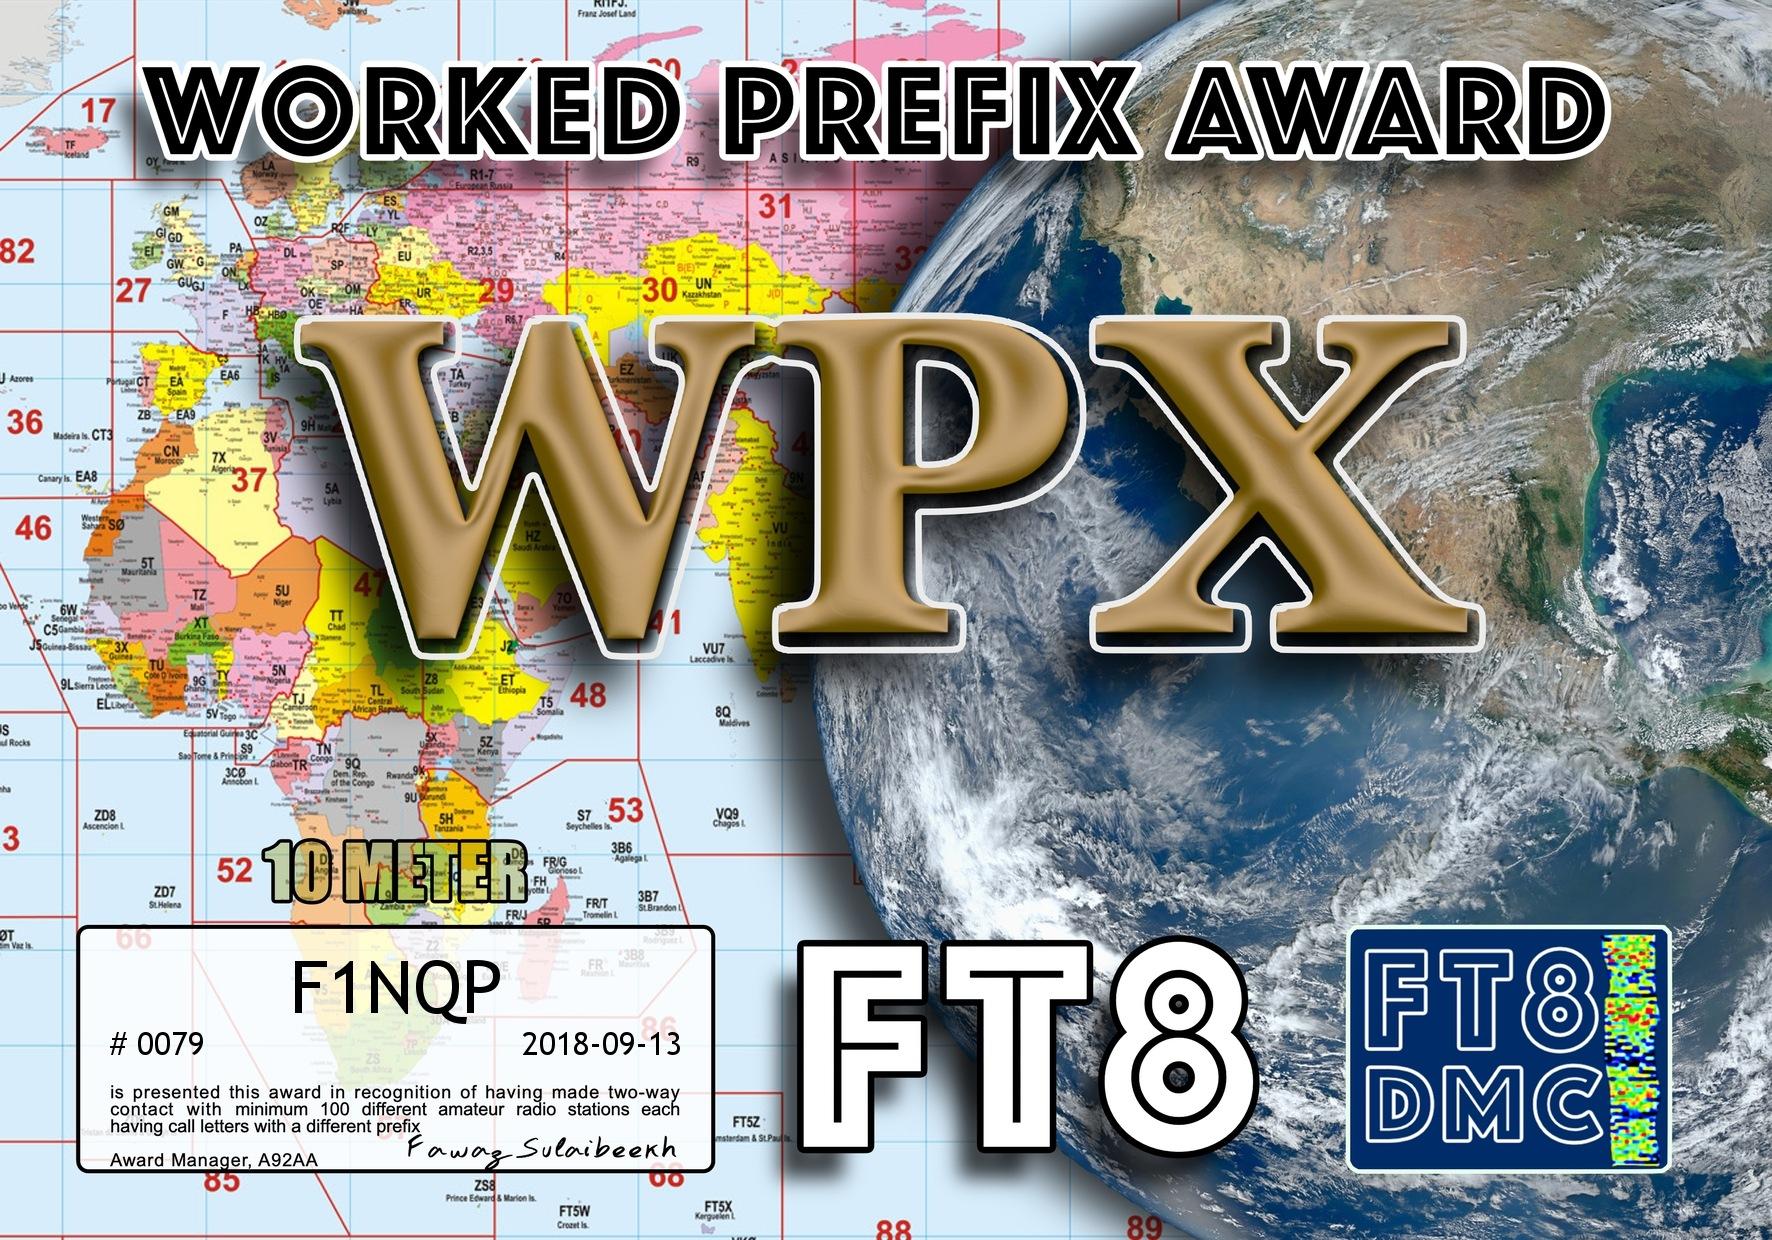 F1NQP-WPX10-100.jpg